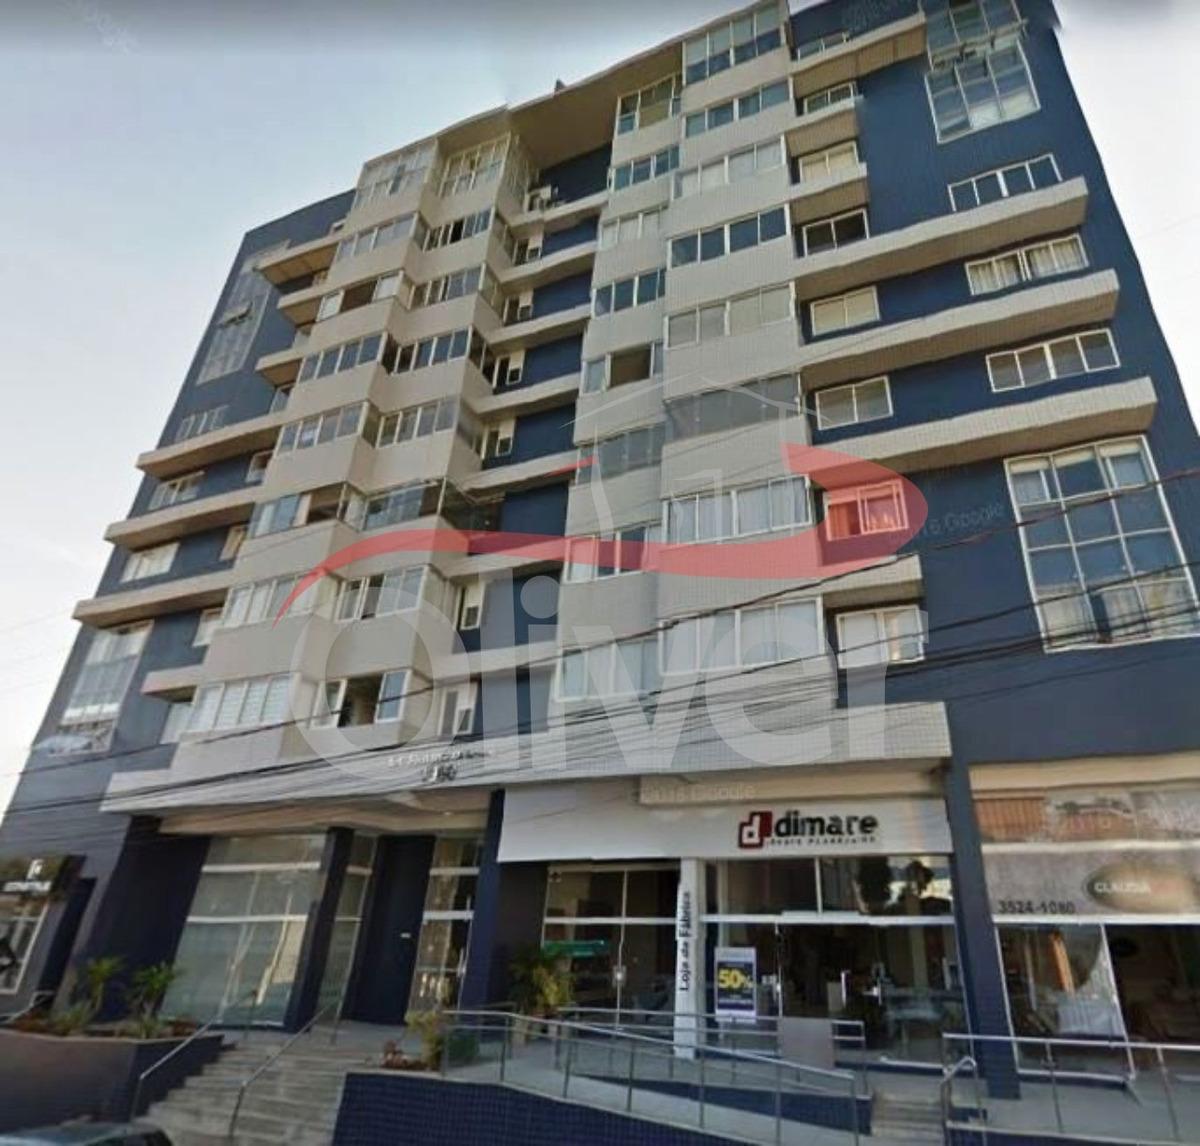 fontana di leoni, apartamento 2 dormitorios, 1 vaga de garagem, centro, francisco beltrão, paraná - ap00914 - 33614499